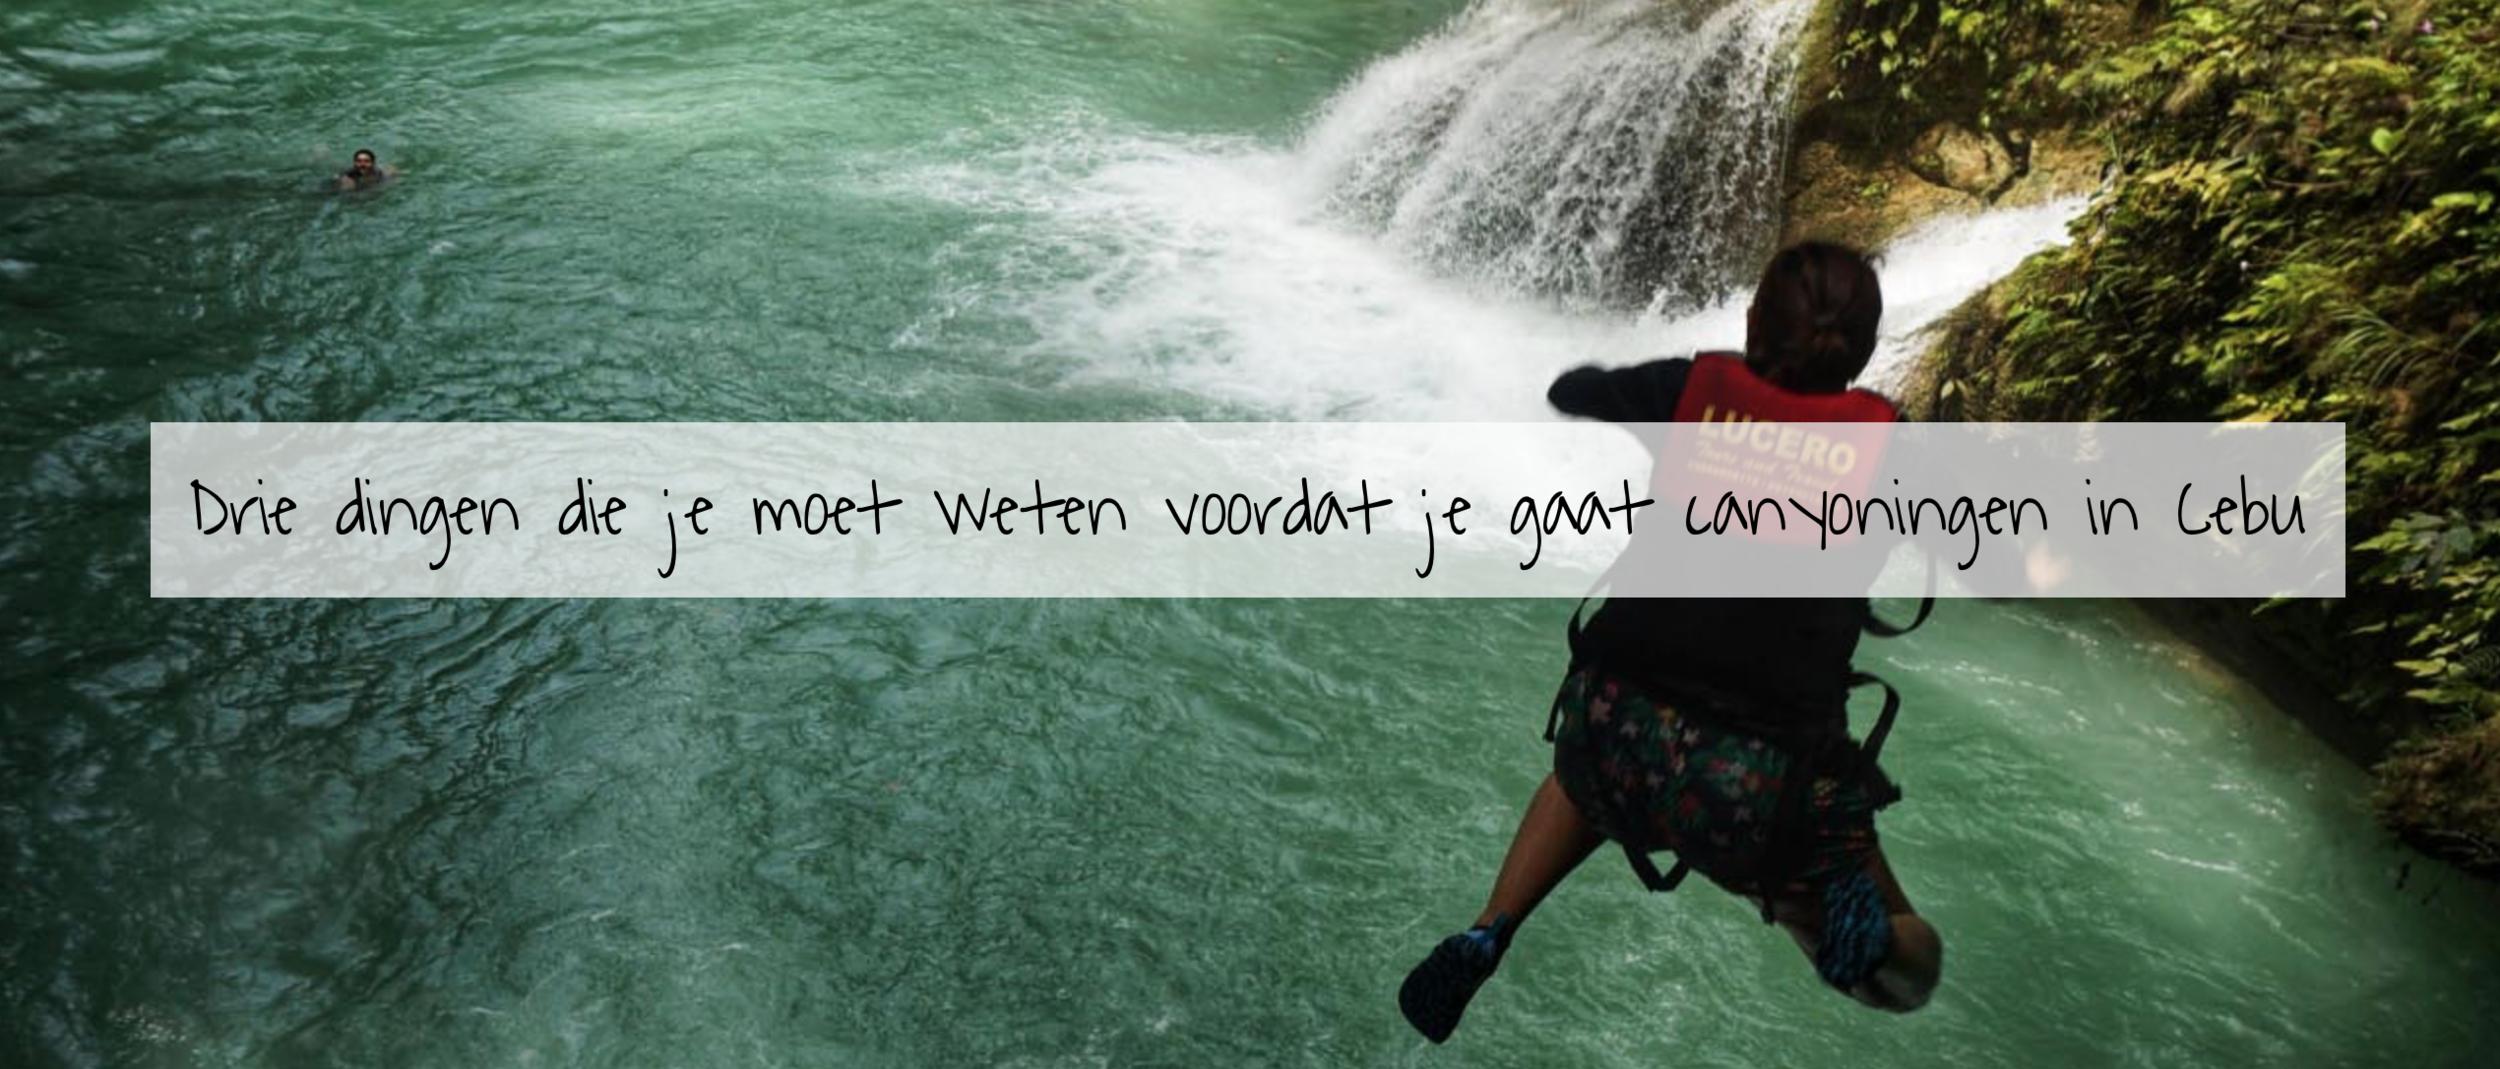 Drie dingen die je moet weten voordat je gaat canyoningen in Cebu - De Kawasan-watervallen behoren tot de bekendste highlights van het Filipijnse eiland Cebu, met name vanwege de omvang en het helderblauwe water. Een unieke manier om de watervallen te ontdekken is via canyoning; een sport waarbij je de waterval naar beneden volgt door te klimmen, zwemmen en – natuurlijk – springen.